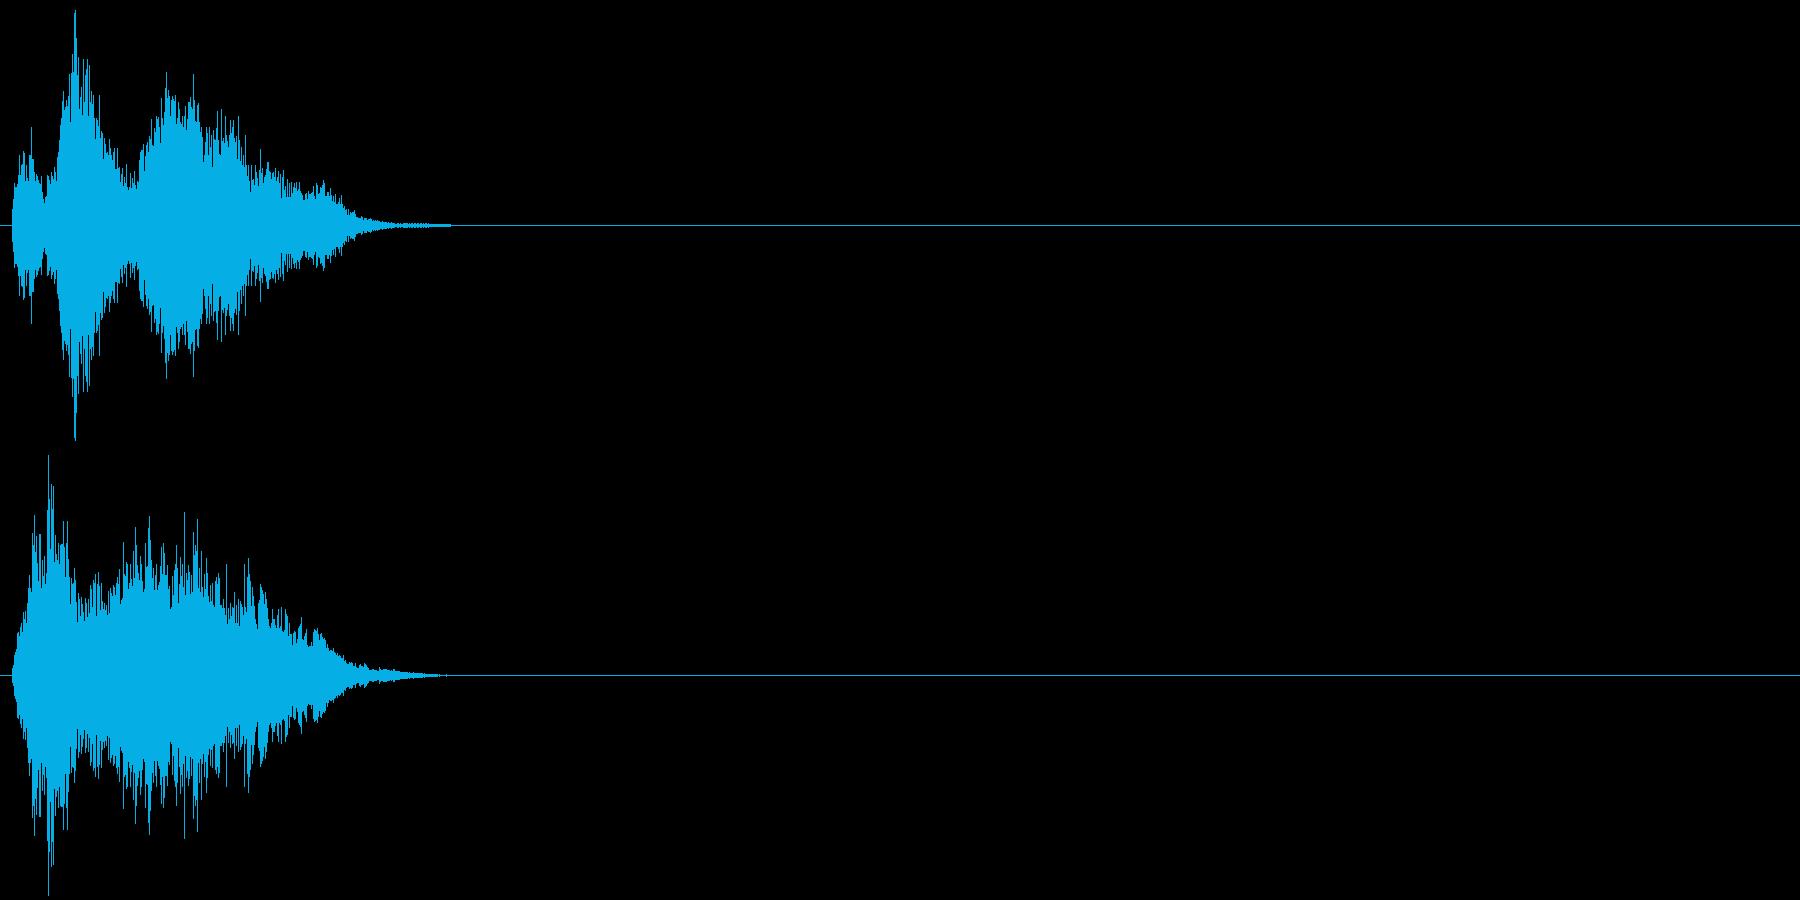 【ゲーム1】刀 シャキン ジャキン 金属の再生済みの波形